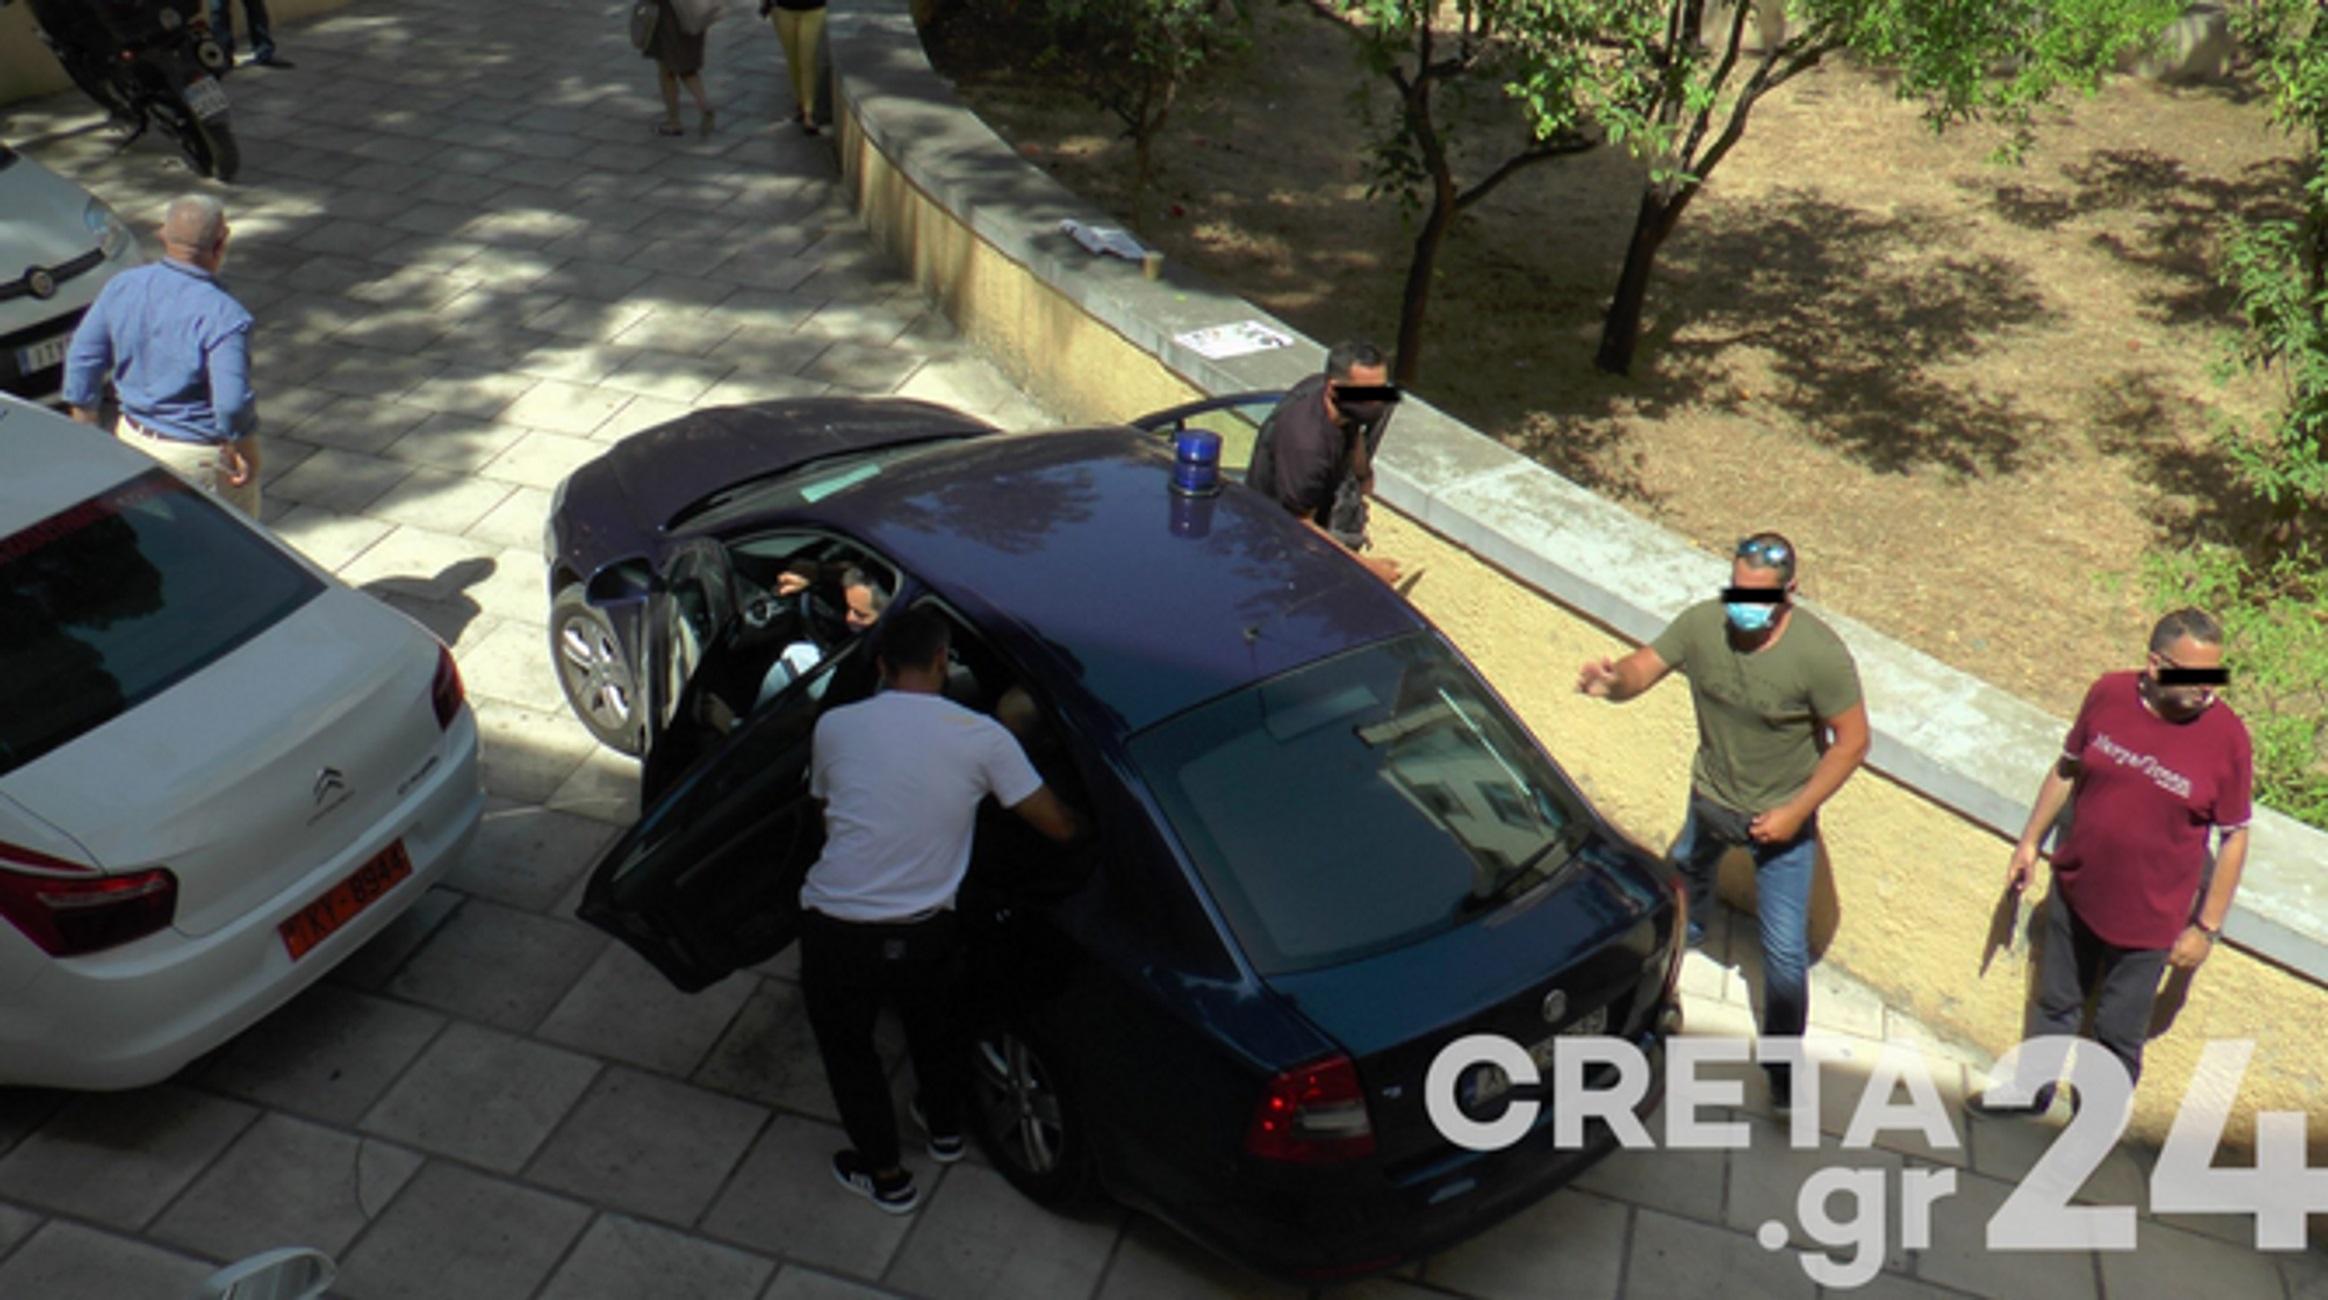 Χανιά: Προς αναβολή η δίκη για το έγκλημα στις φυλακές από το δολοφόνο του Νίκου Σεργιανόπουλου